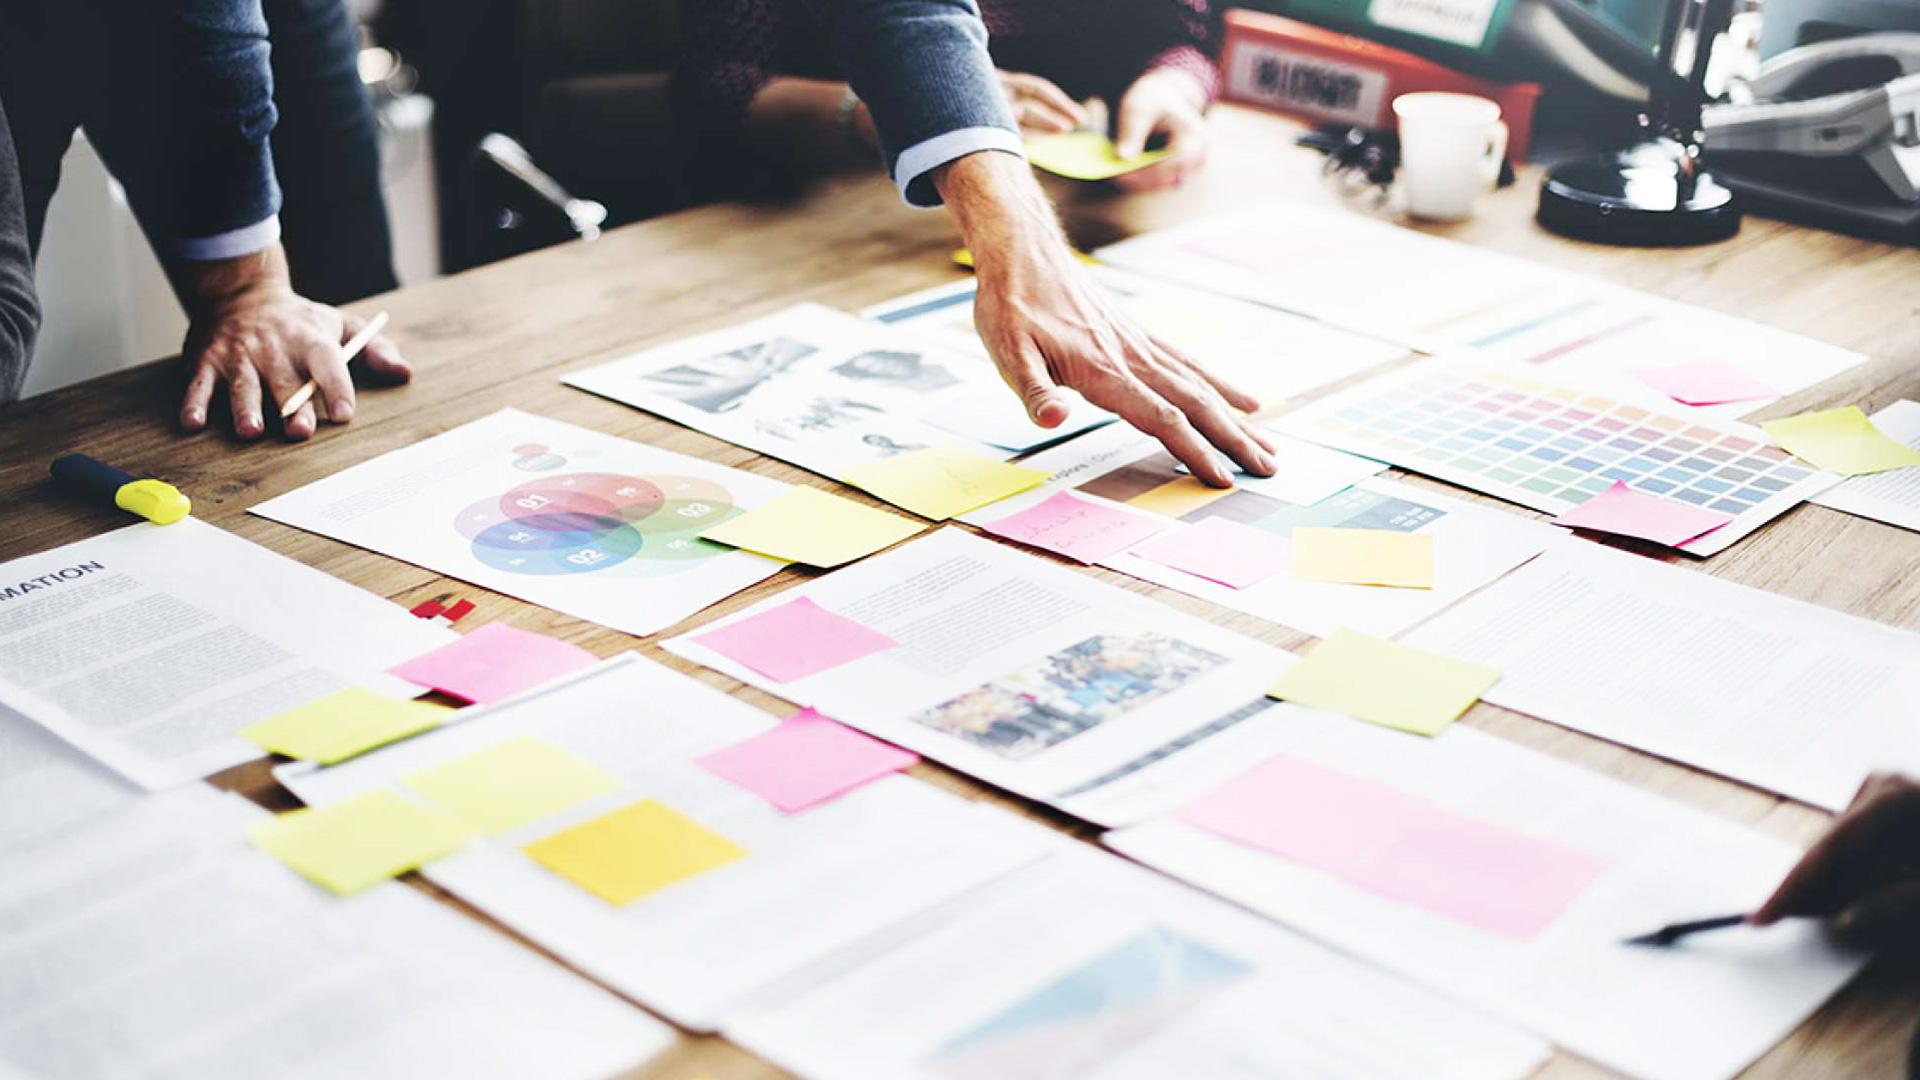 استراتيجيات التسويق الإلكتروني الناجحة